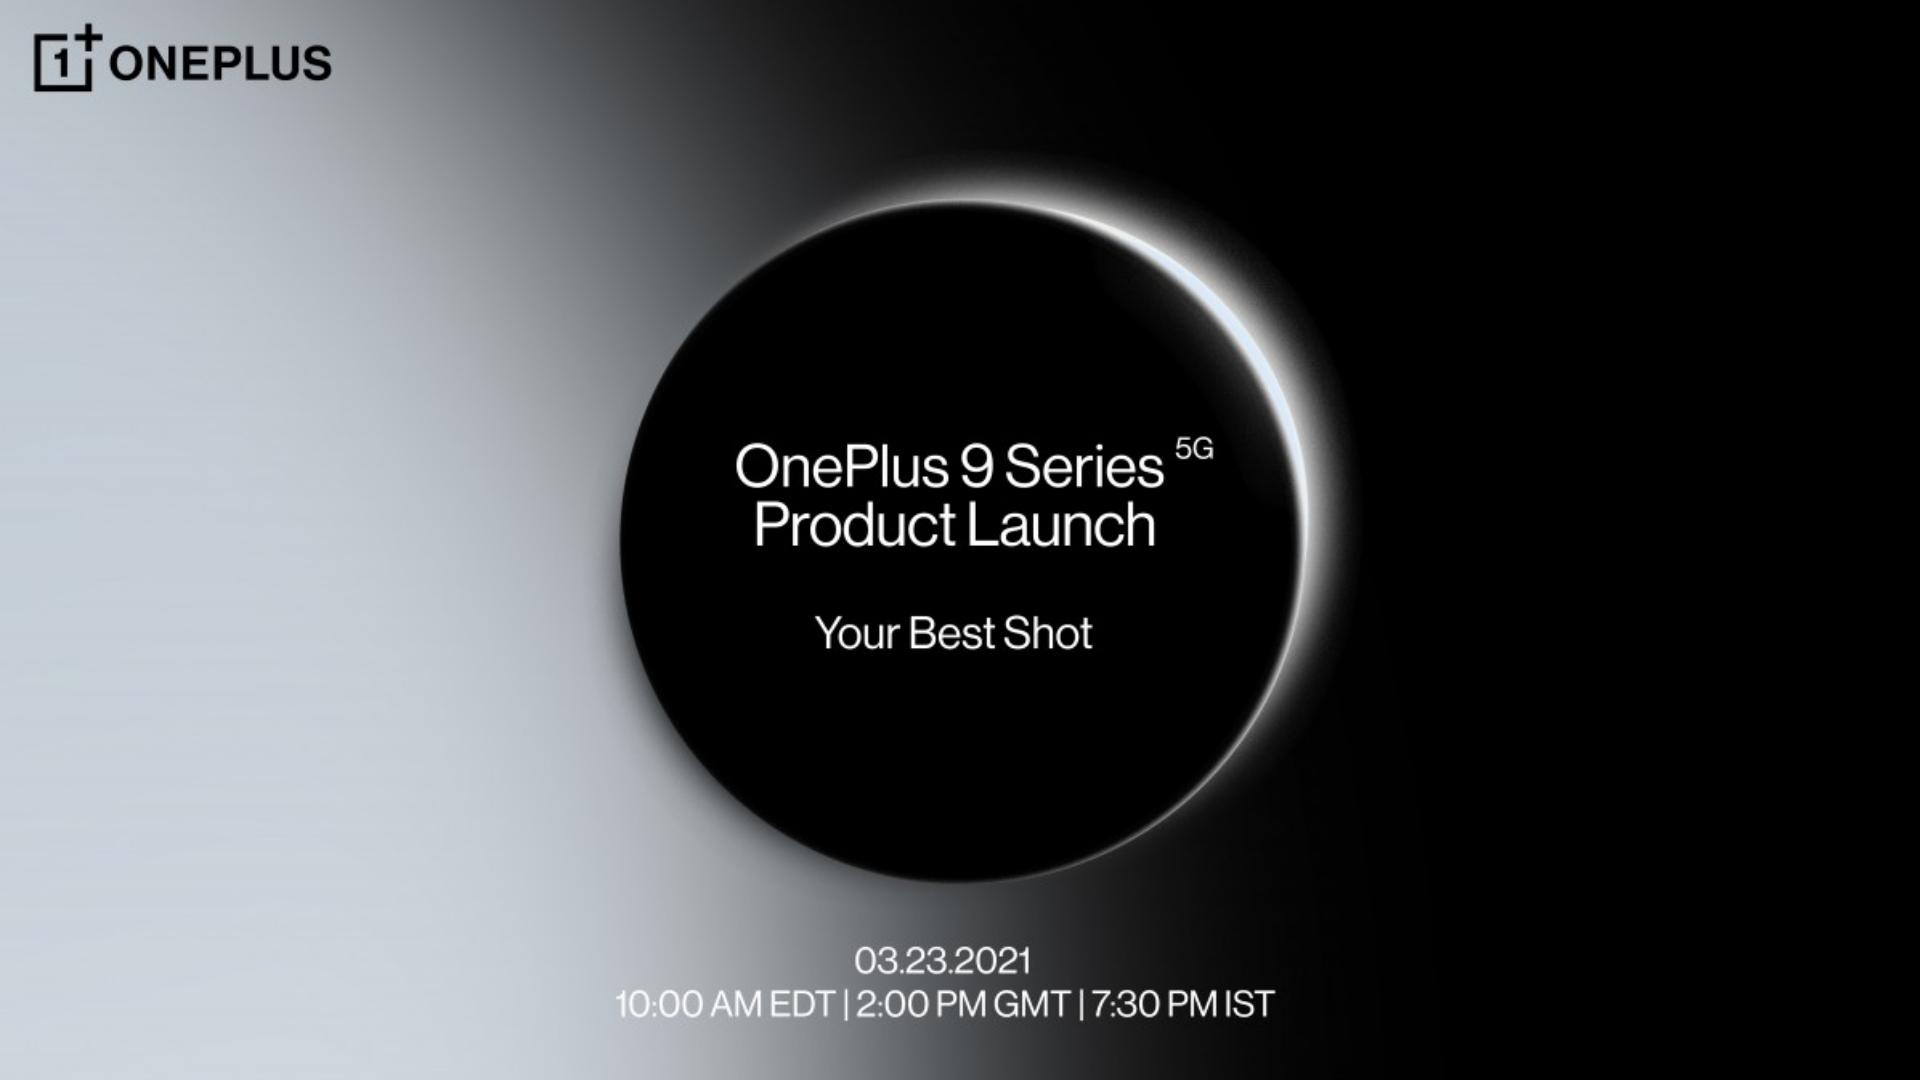 23 Mart tarihinde, OnePlus 9 serisi cihazlar üç seri halinde gelecek.